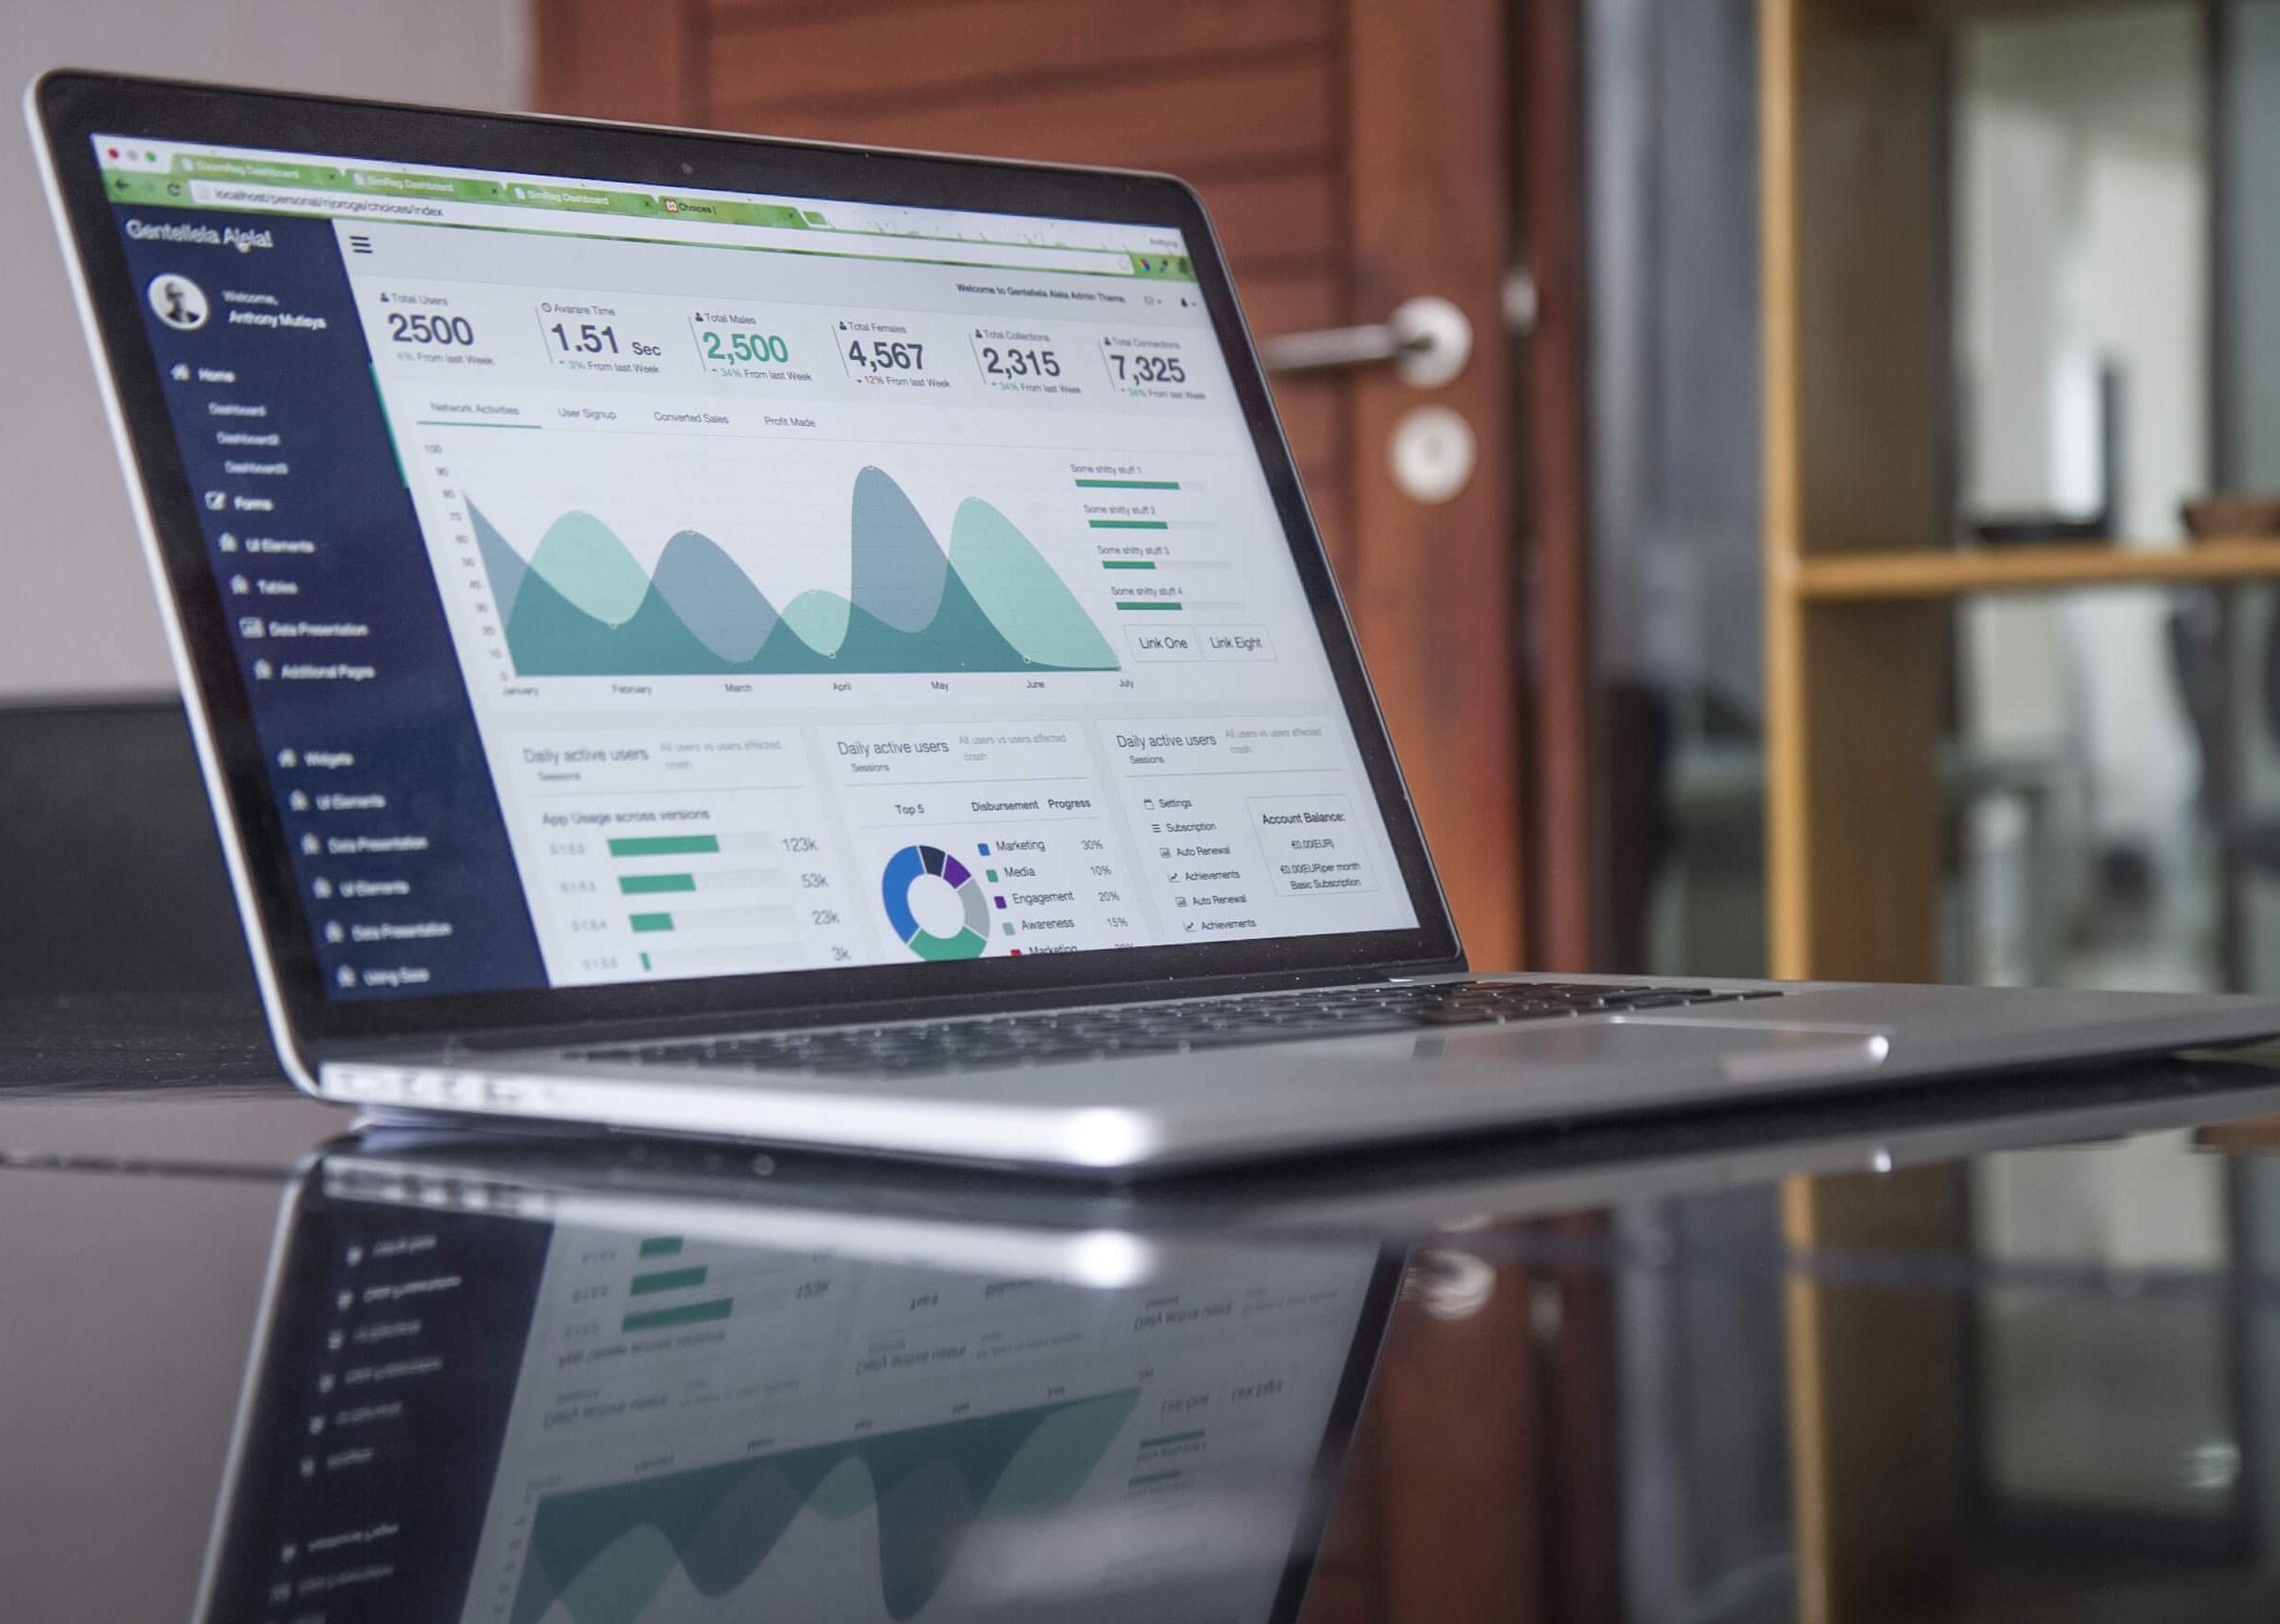 análisis de pruebas de usabilidad empleando usuarios